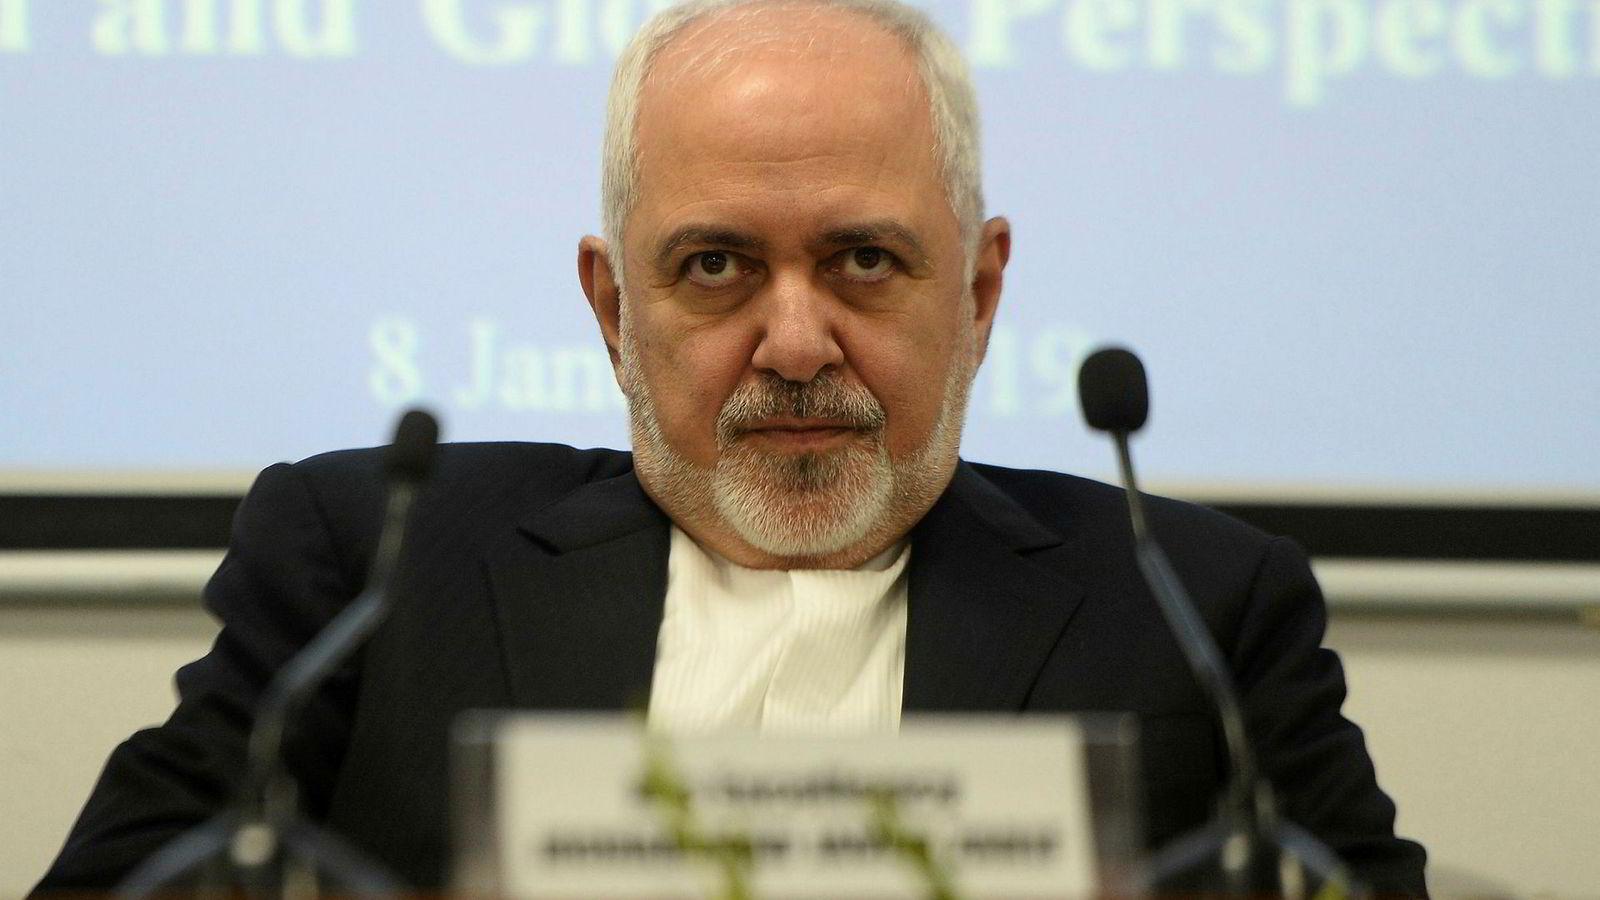 Et iransk direktorat blir heretter satt på EUs terrorliste. Her er Irans utenriksminister Javad Zarif.